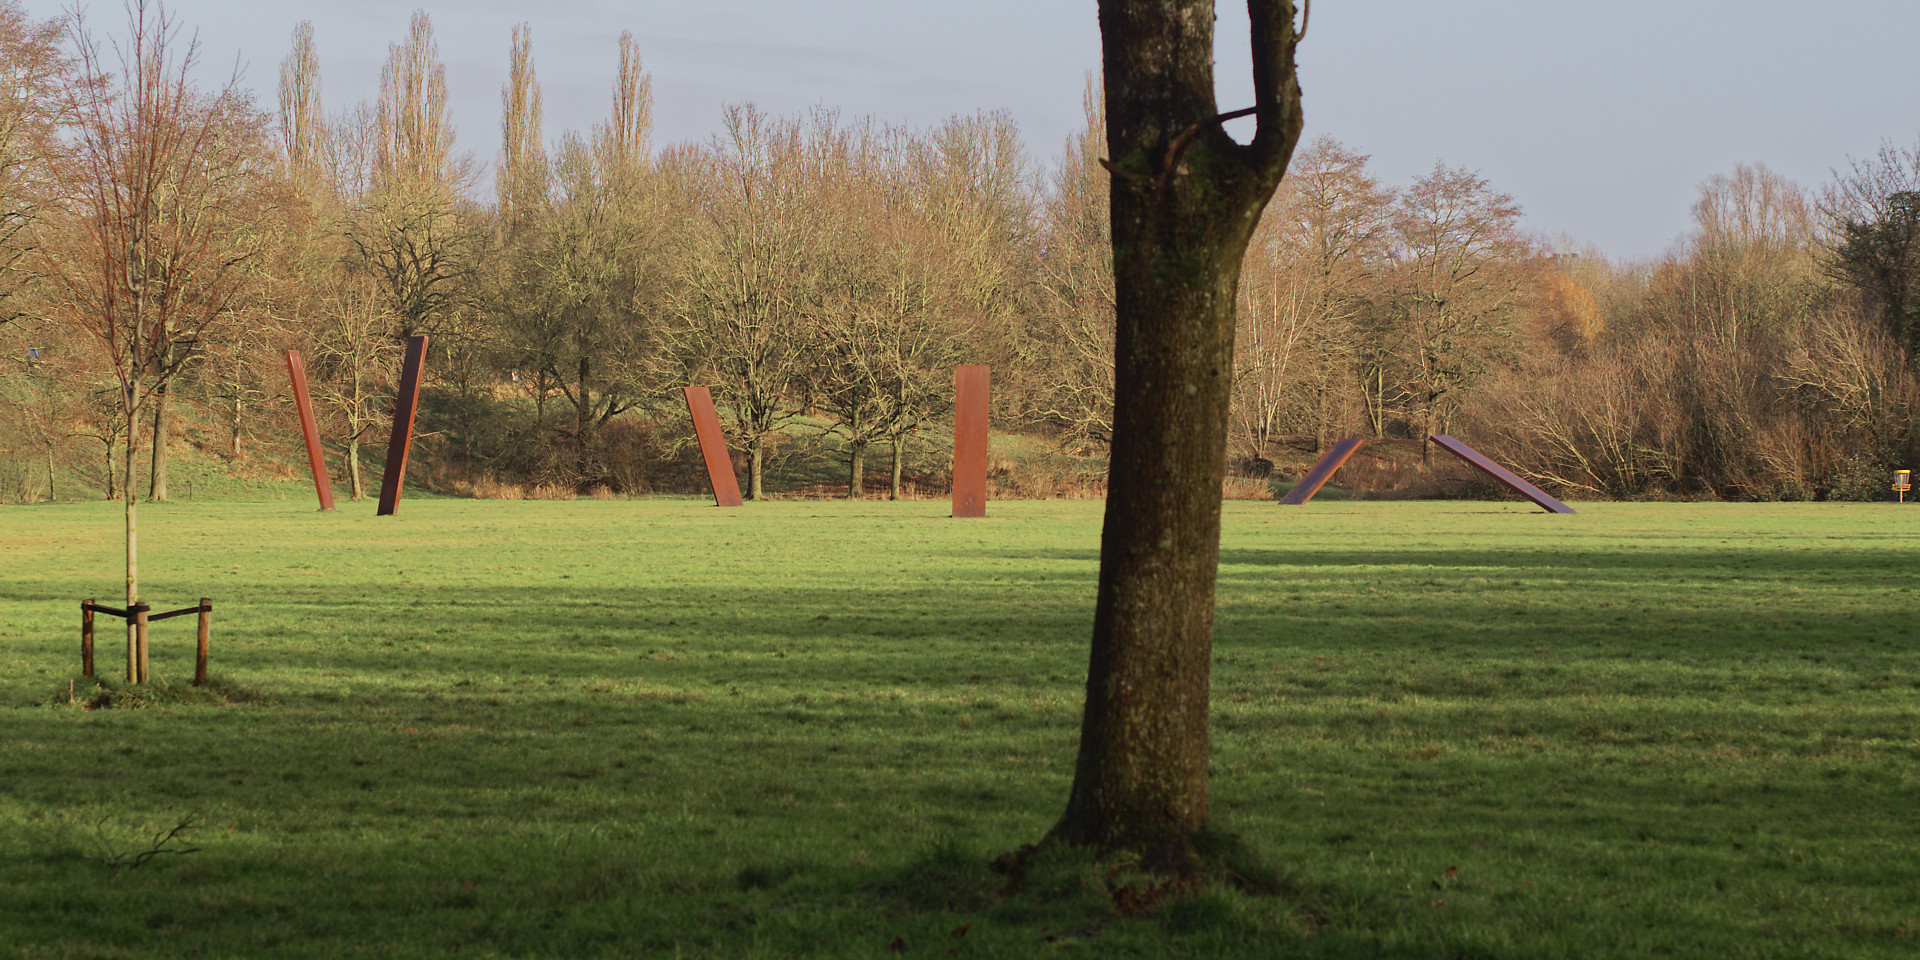 speelweide met boom en kunstwerken